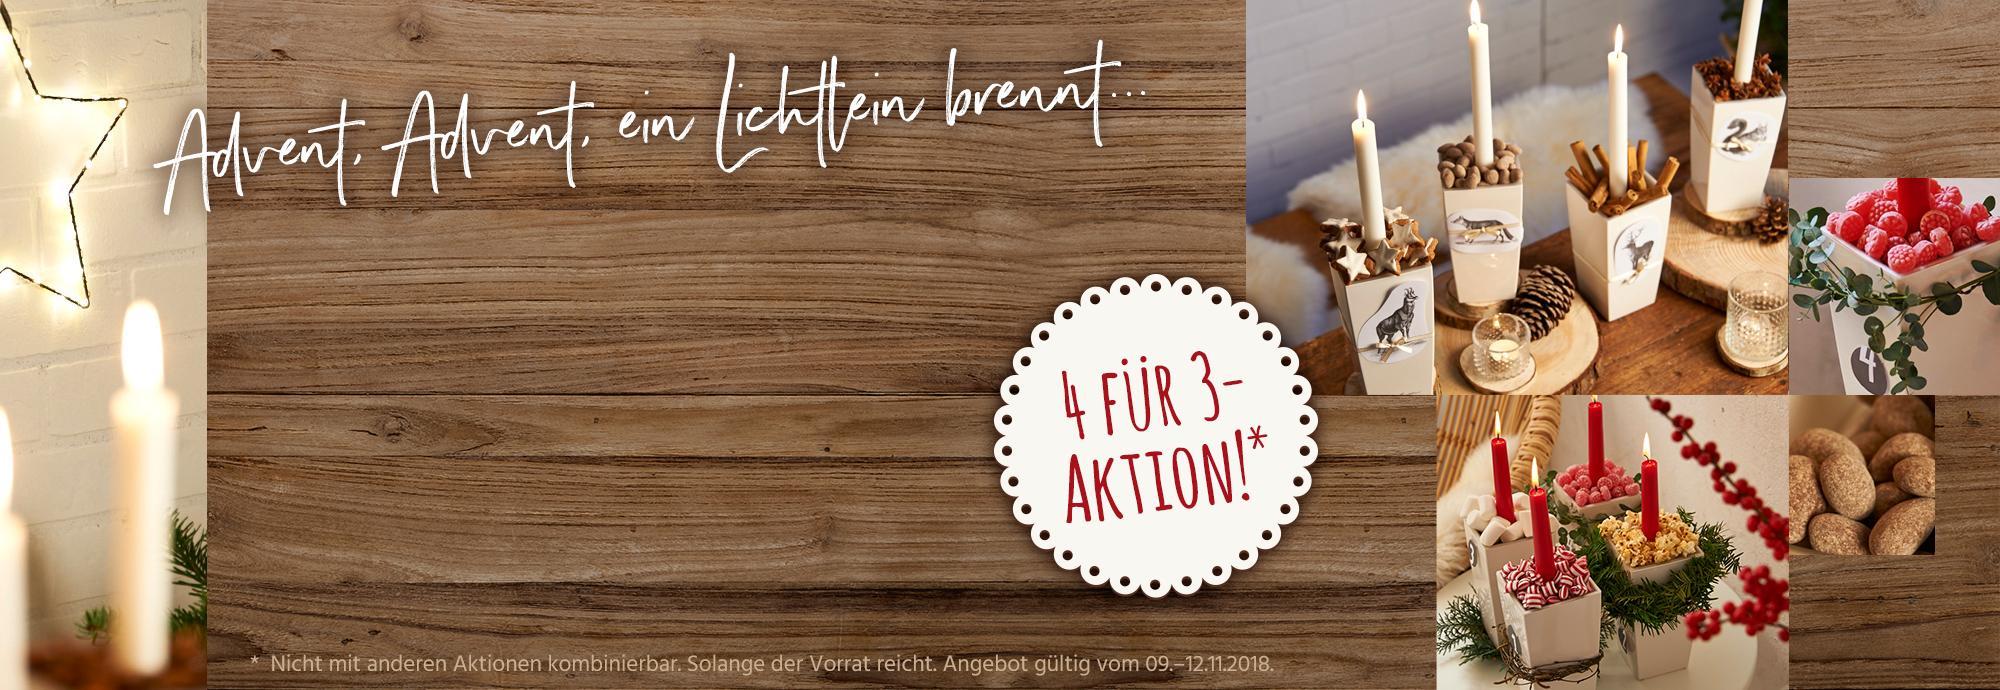 hero_banner_aktion_minicubi_advent_de